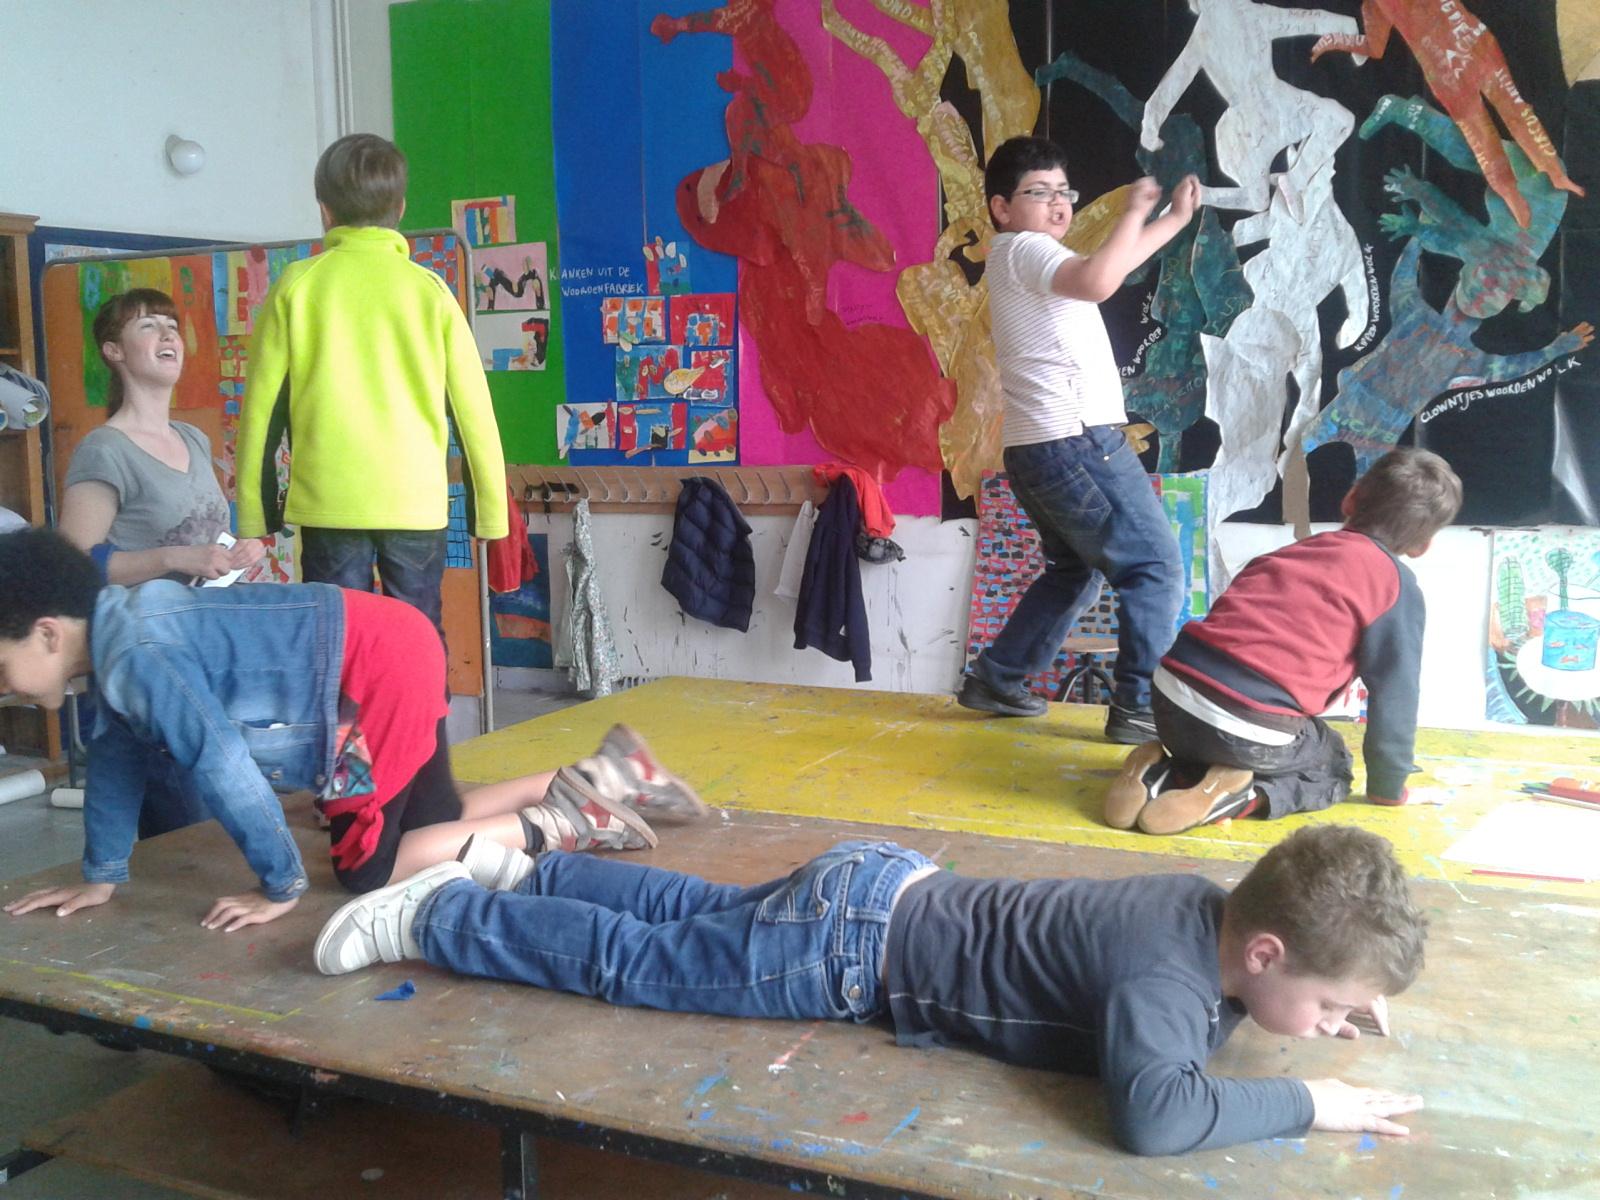 Academie Mechelen - traject vertrekken van andere discipline, eindigen met eigen discipline (beeldende kunst)